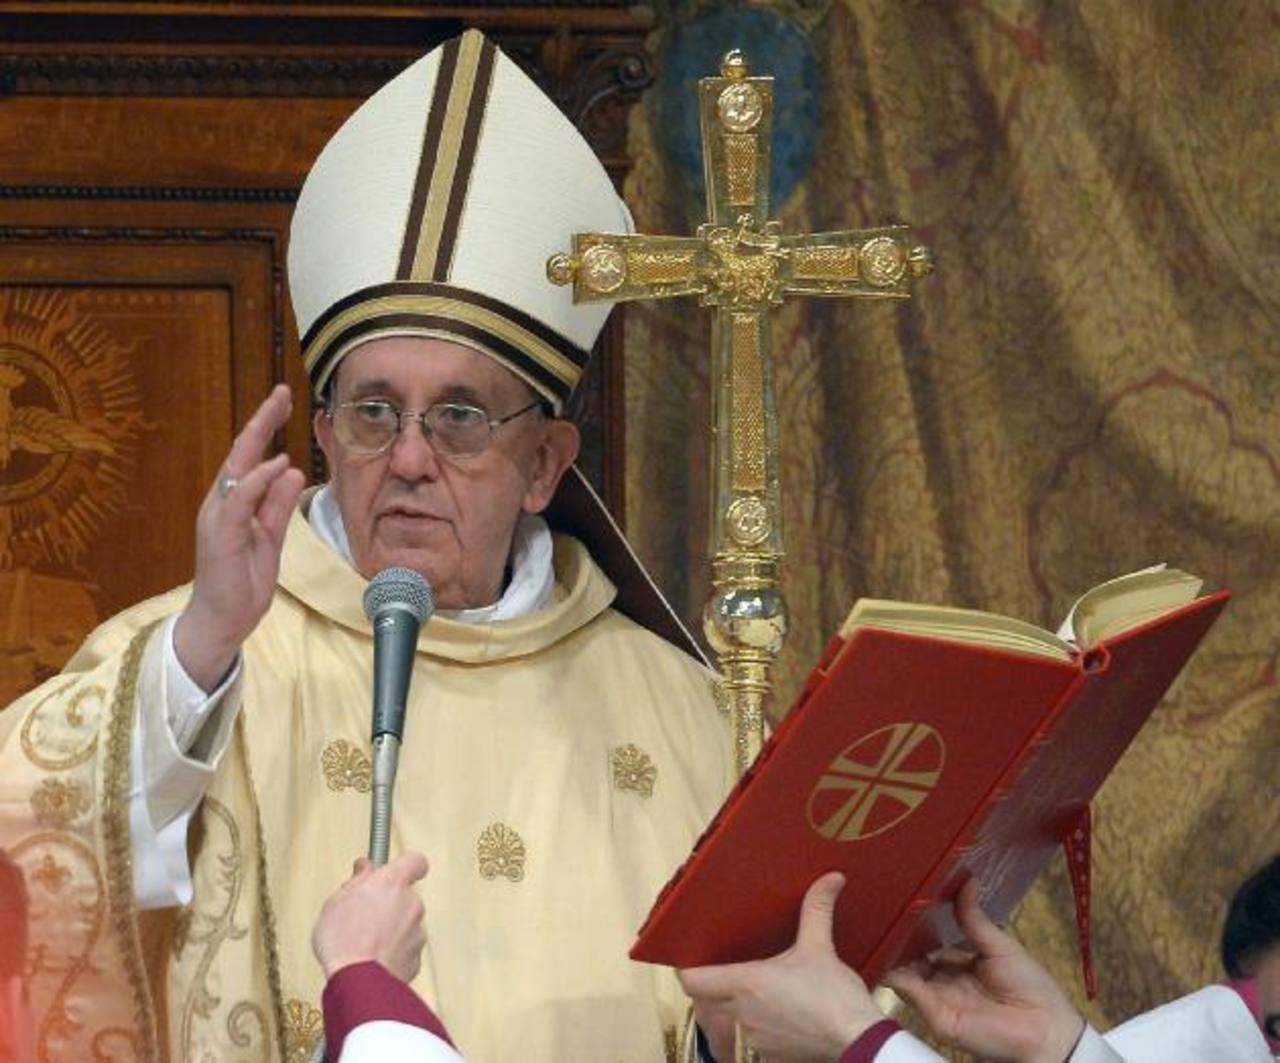 El Papa Francisco aprobó una reforma del código penal de la Santa Sede y del Estado de la Ciudad del Vaticano. foto edh